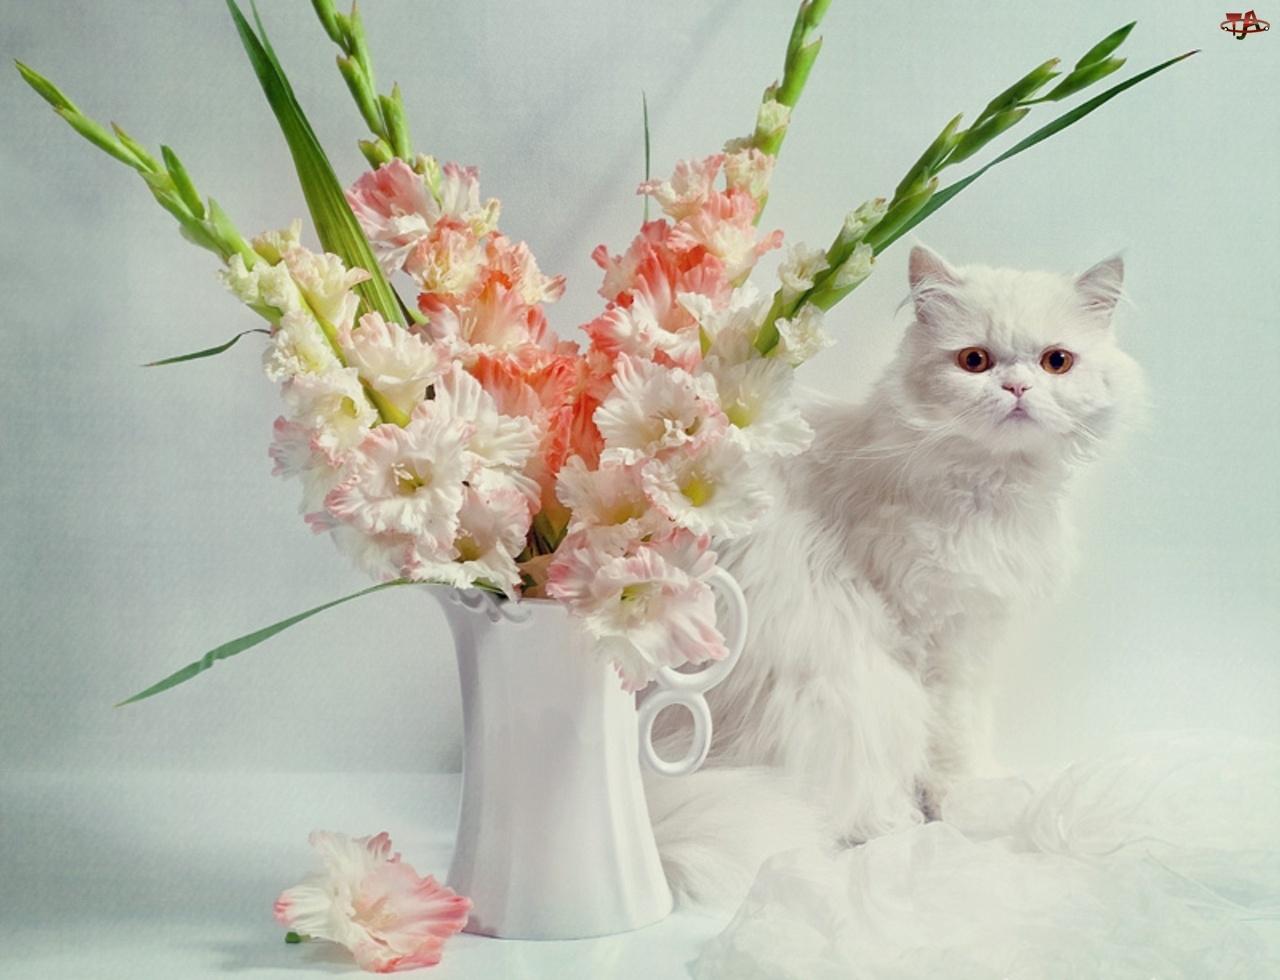 Mieczyki, Biały, Kot